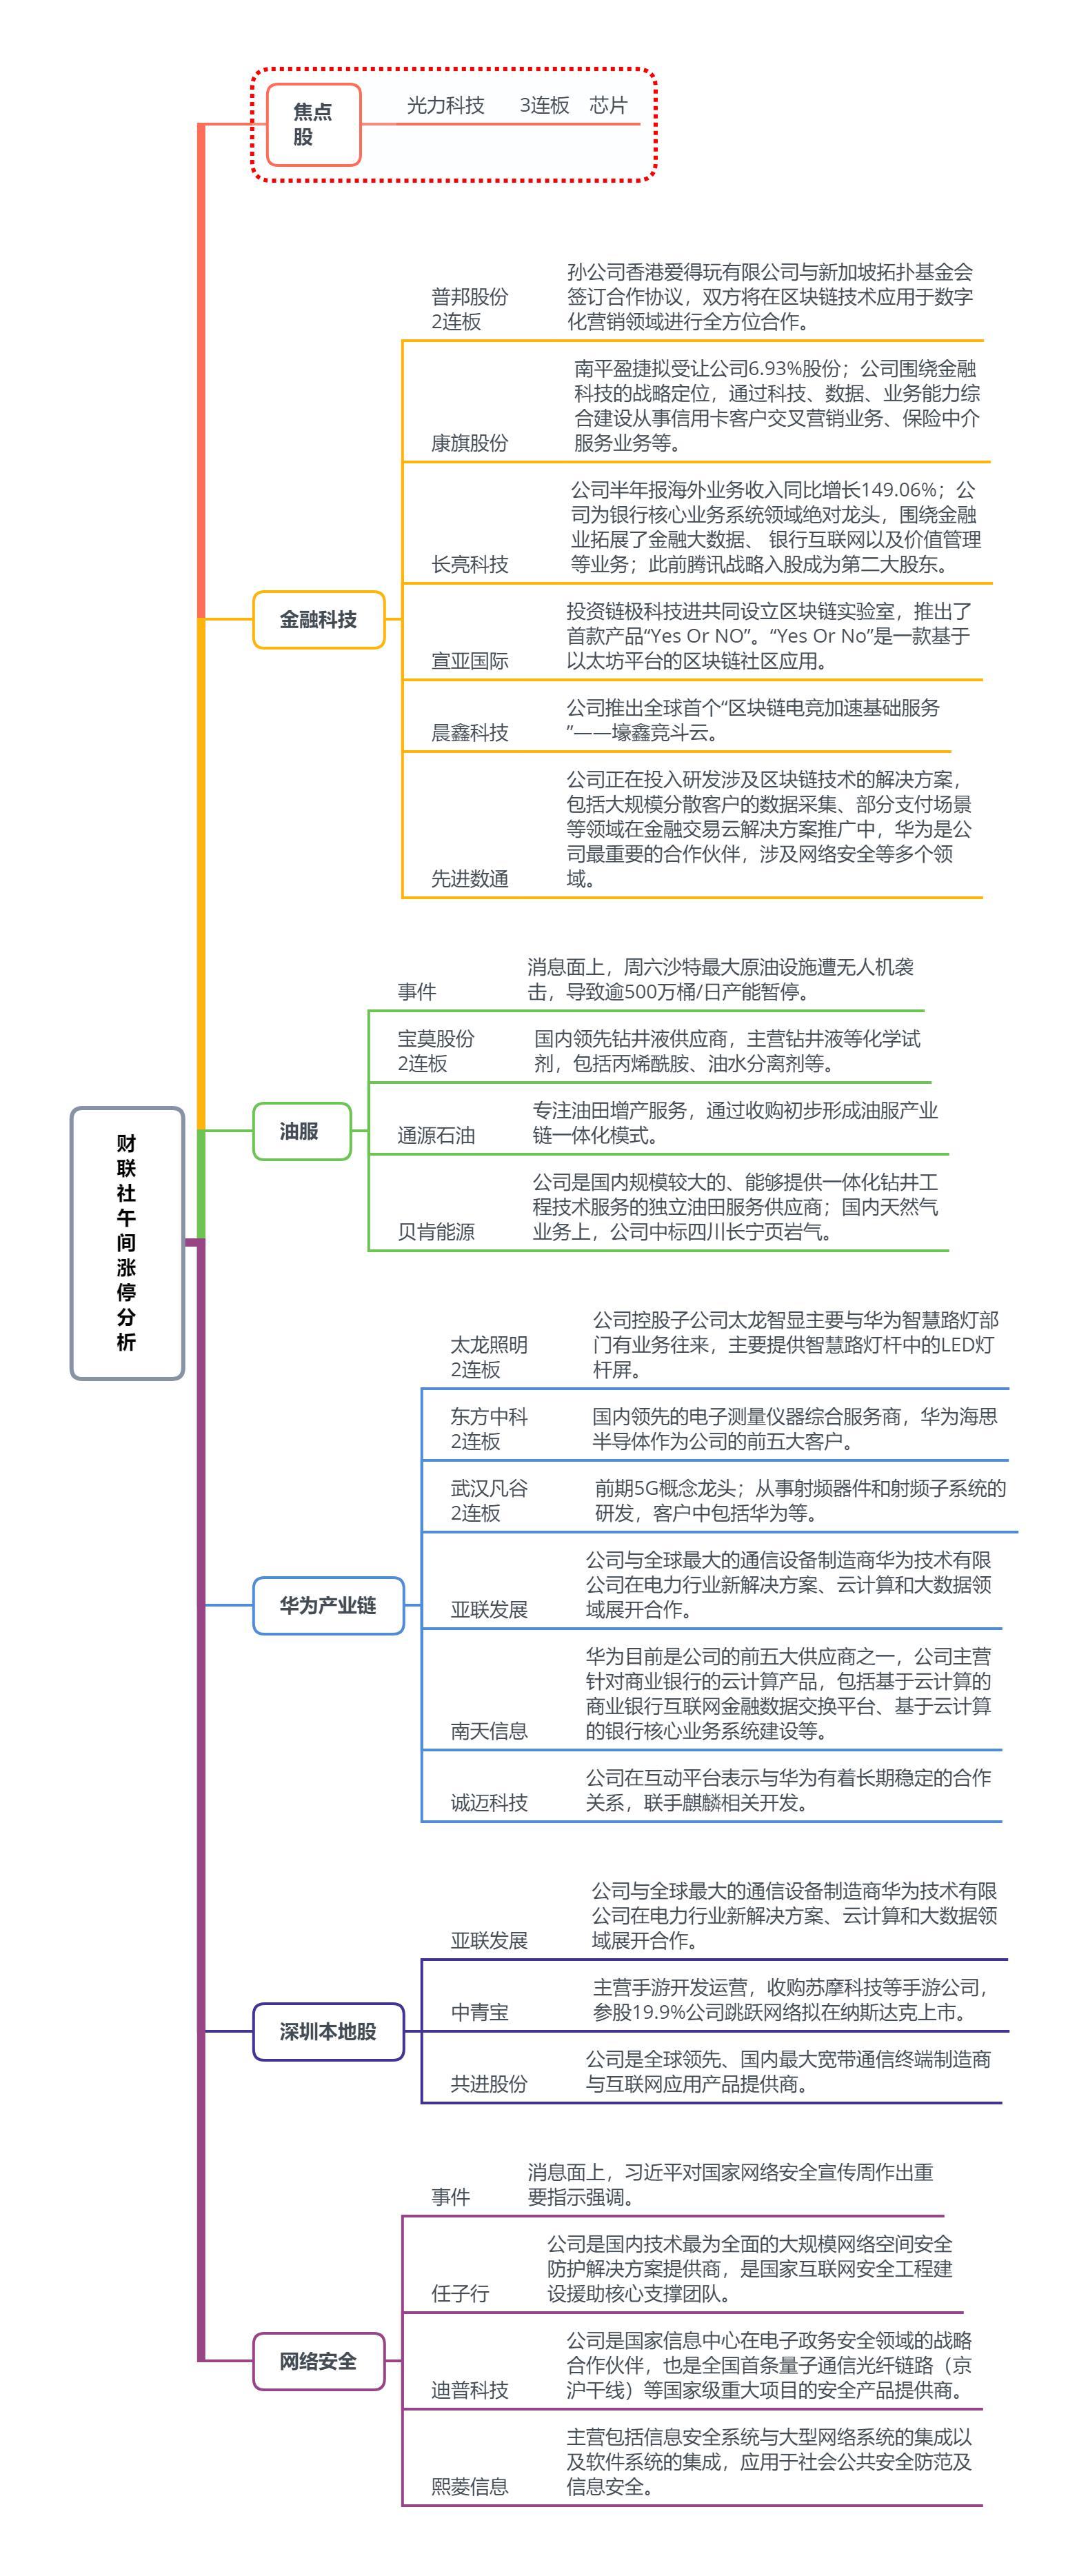 【财联社午报】两市大小盘股分化 网络安全概念集体异动